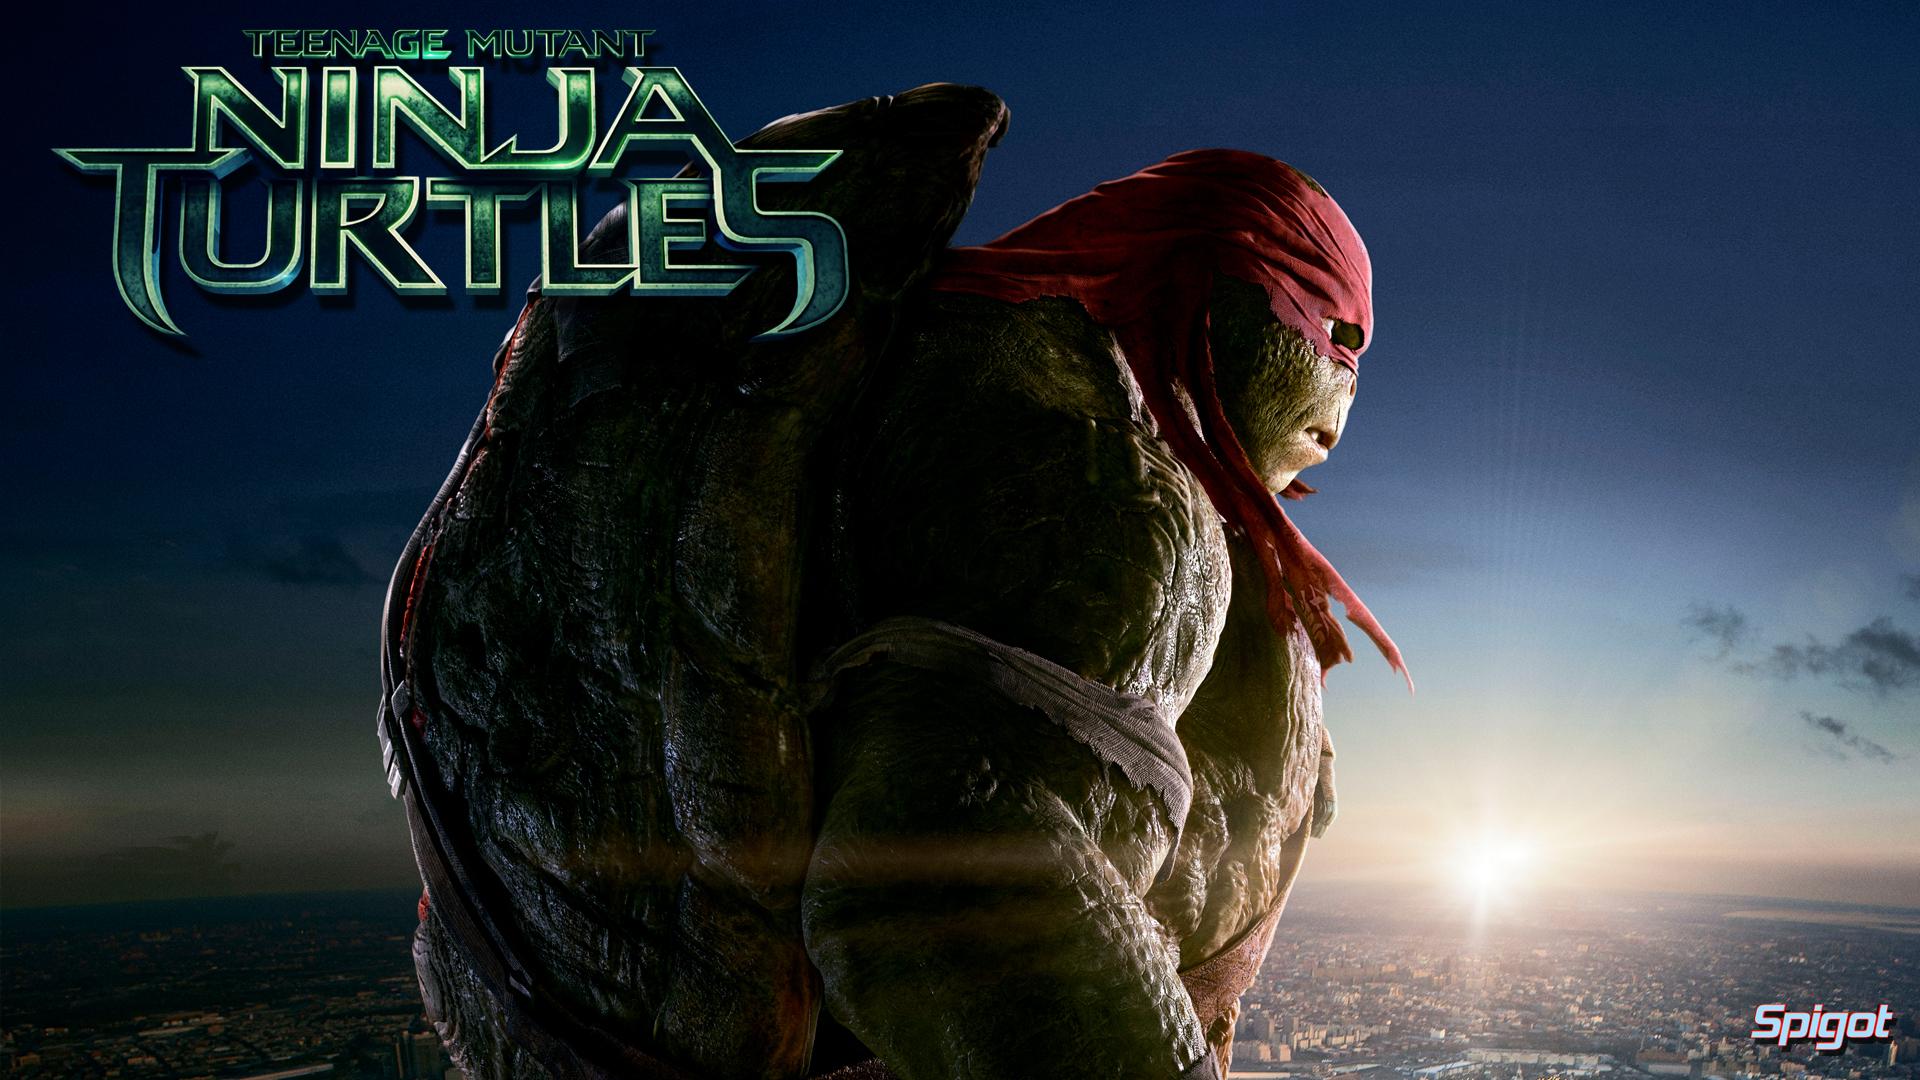 Free Download Teenage Mutant Ninja Turtles 2014 George Spigots